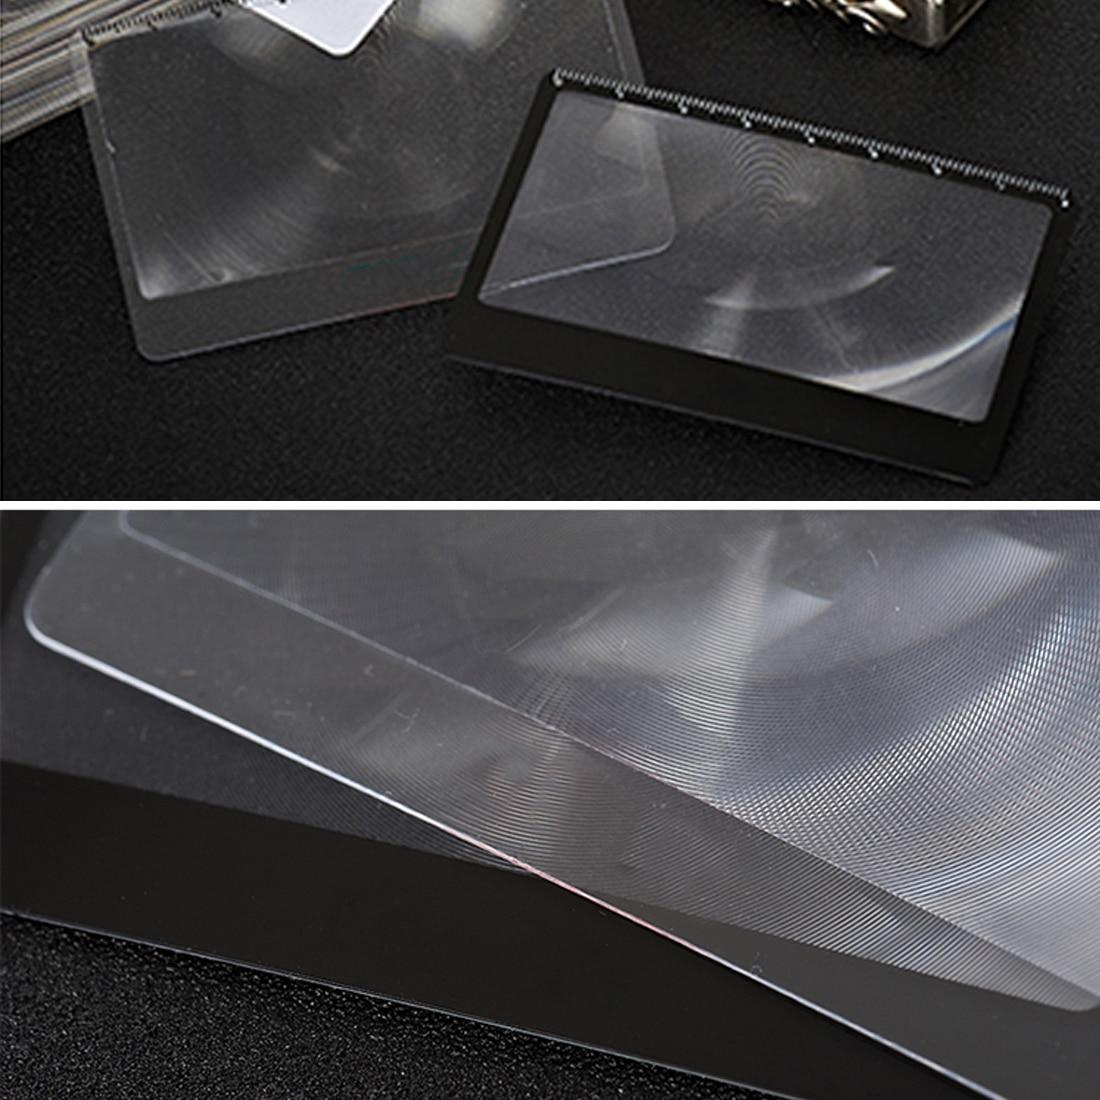 1 шт. Mgnifying стекло Кредитная карта 3 X увеличительное стекло для чтения книги